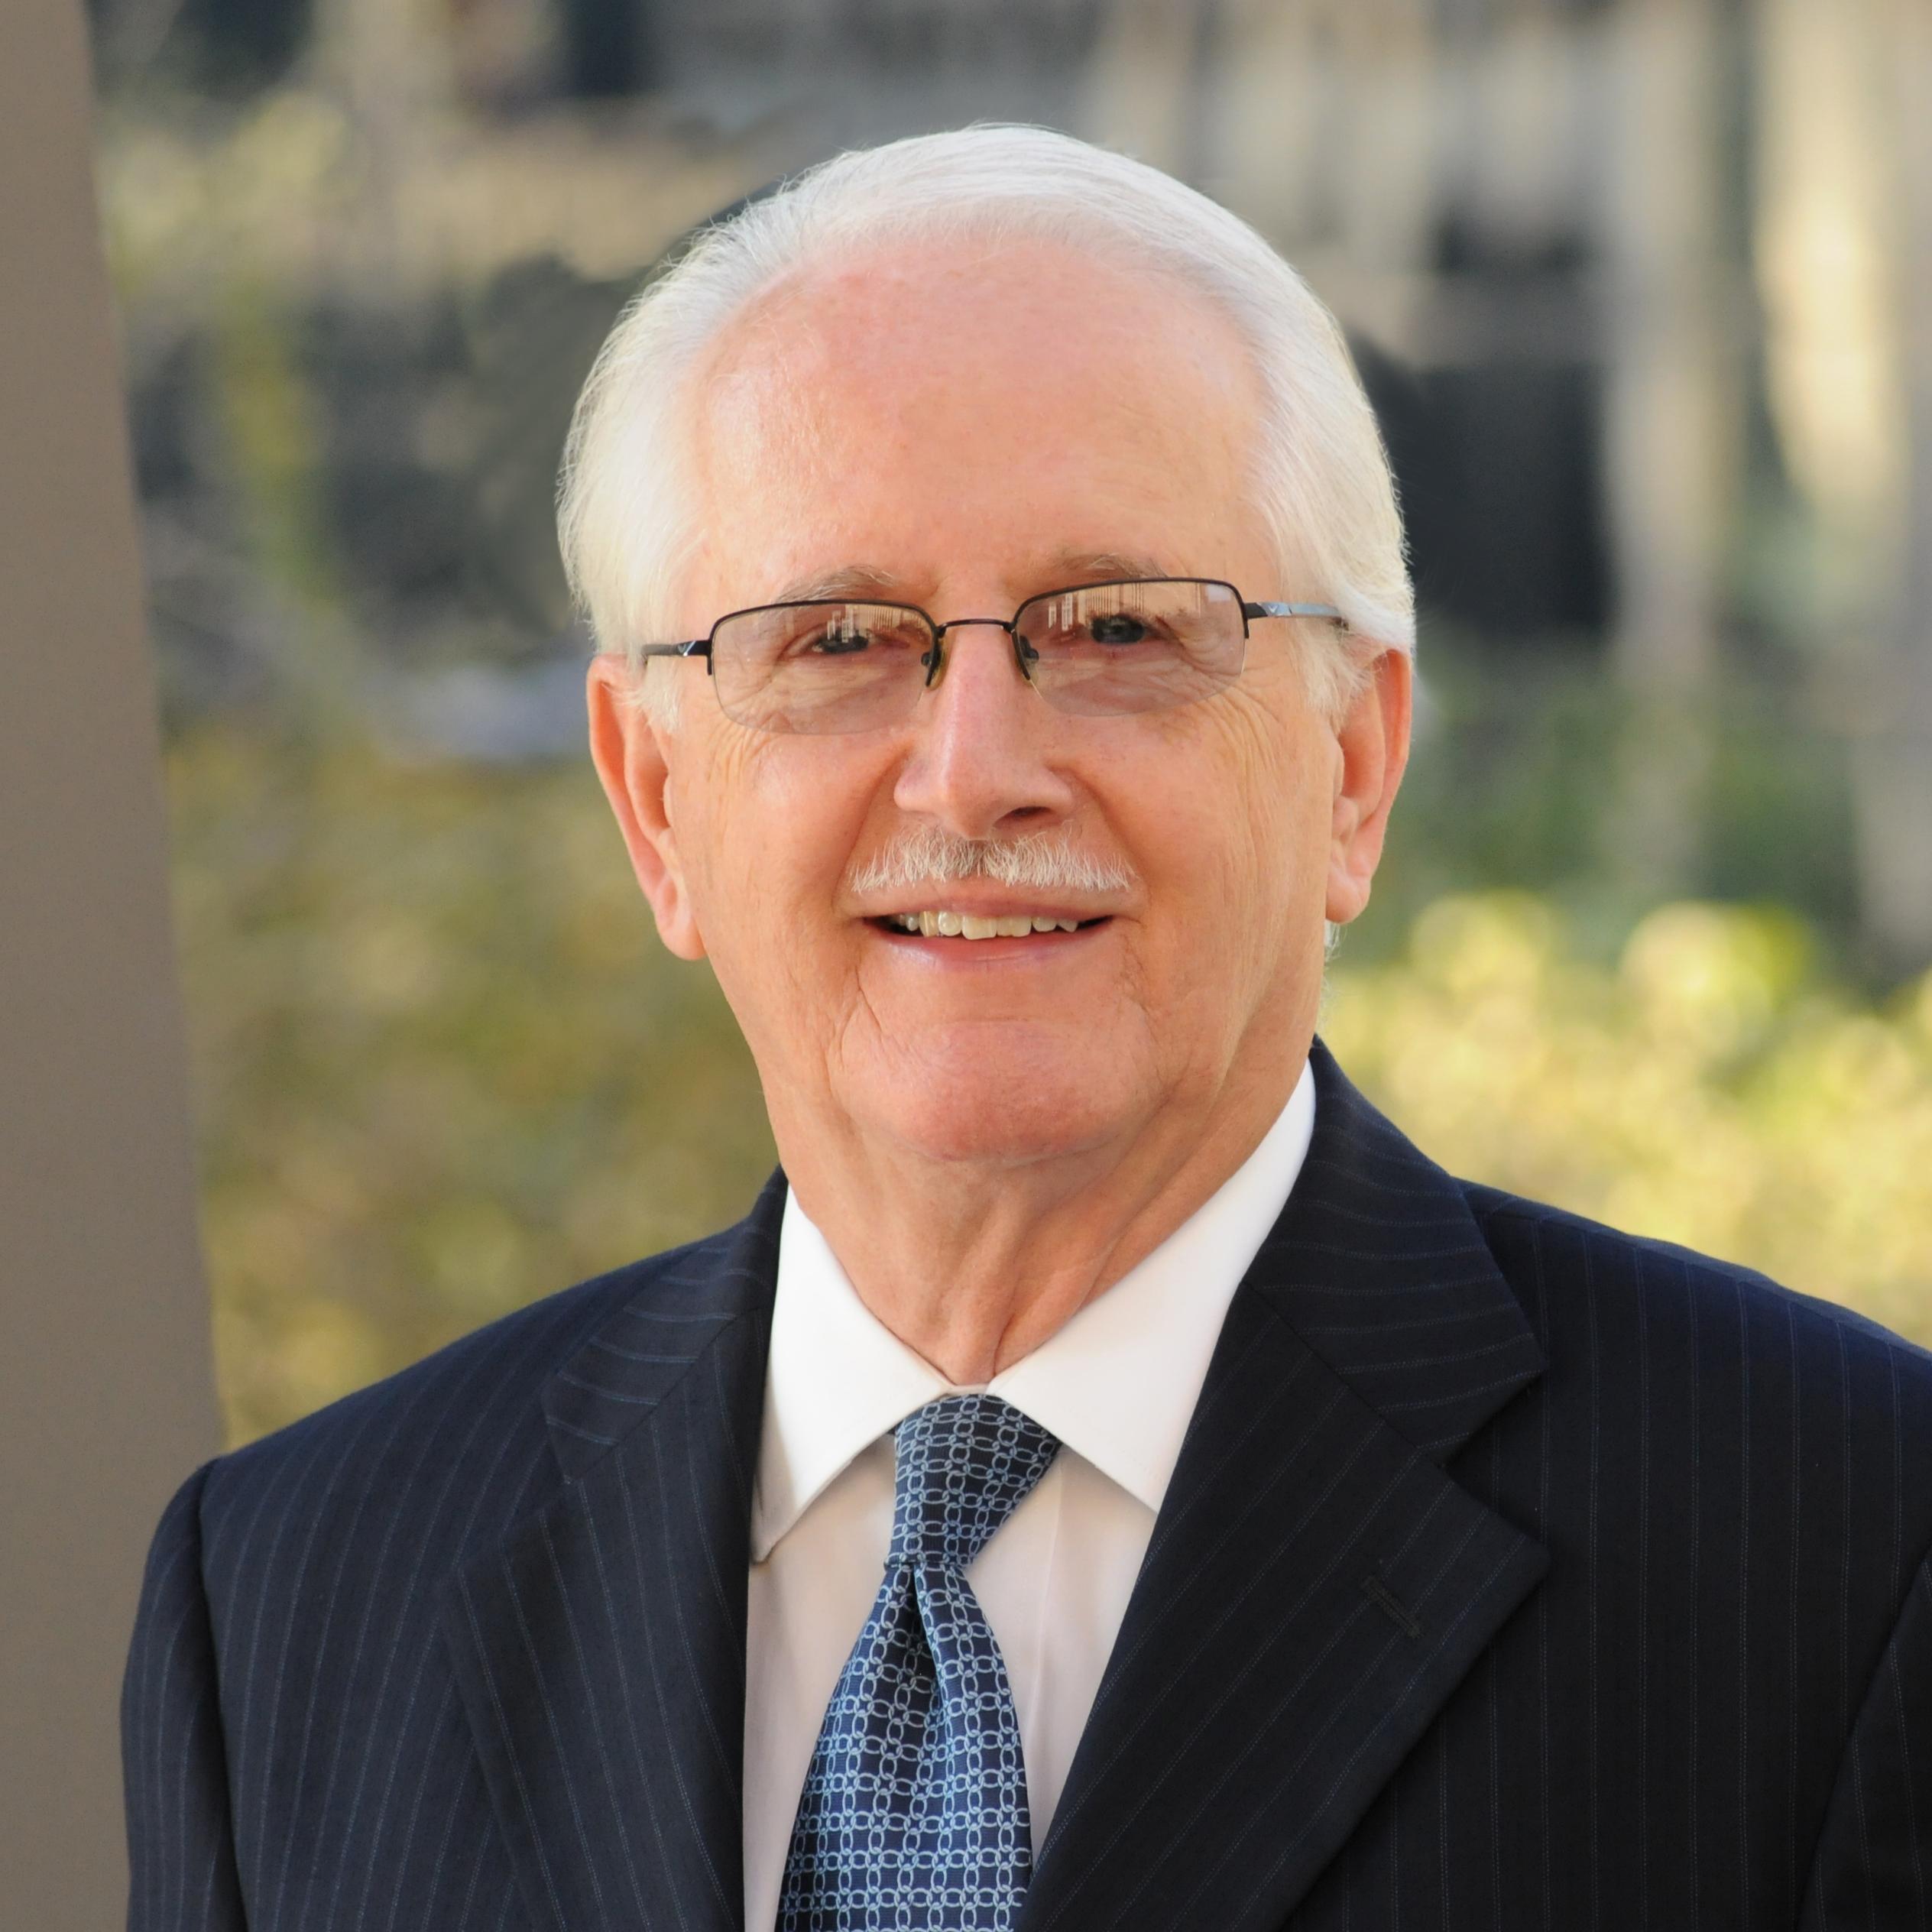 J. Goodman